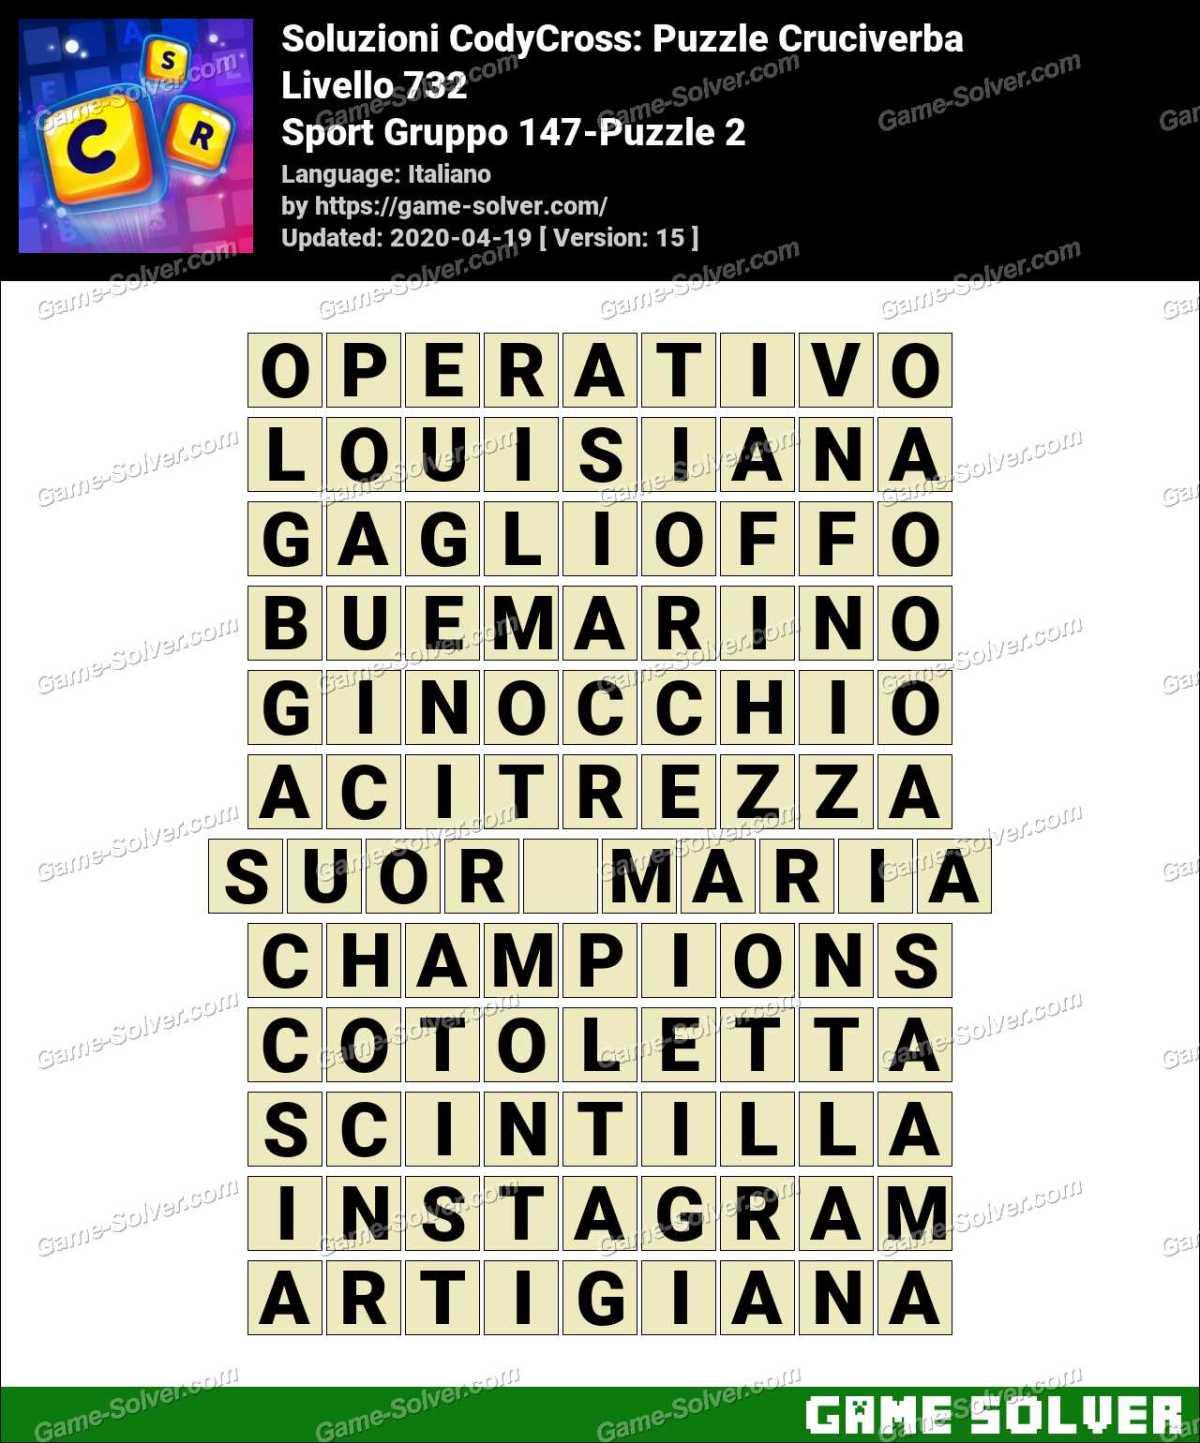 Soluzioni CodyCross Sport Gruppo 147-Puzzle 2